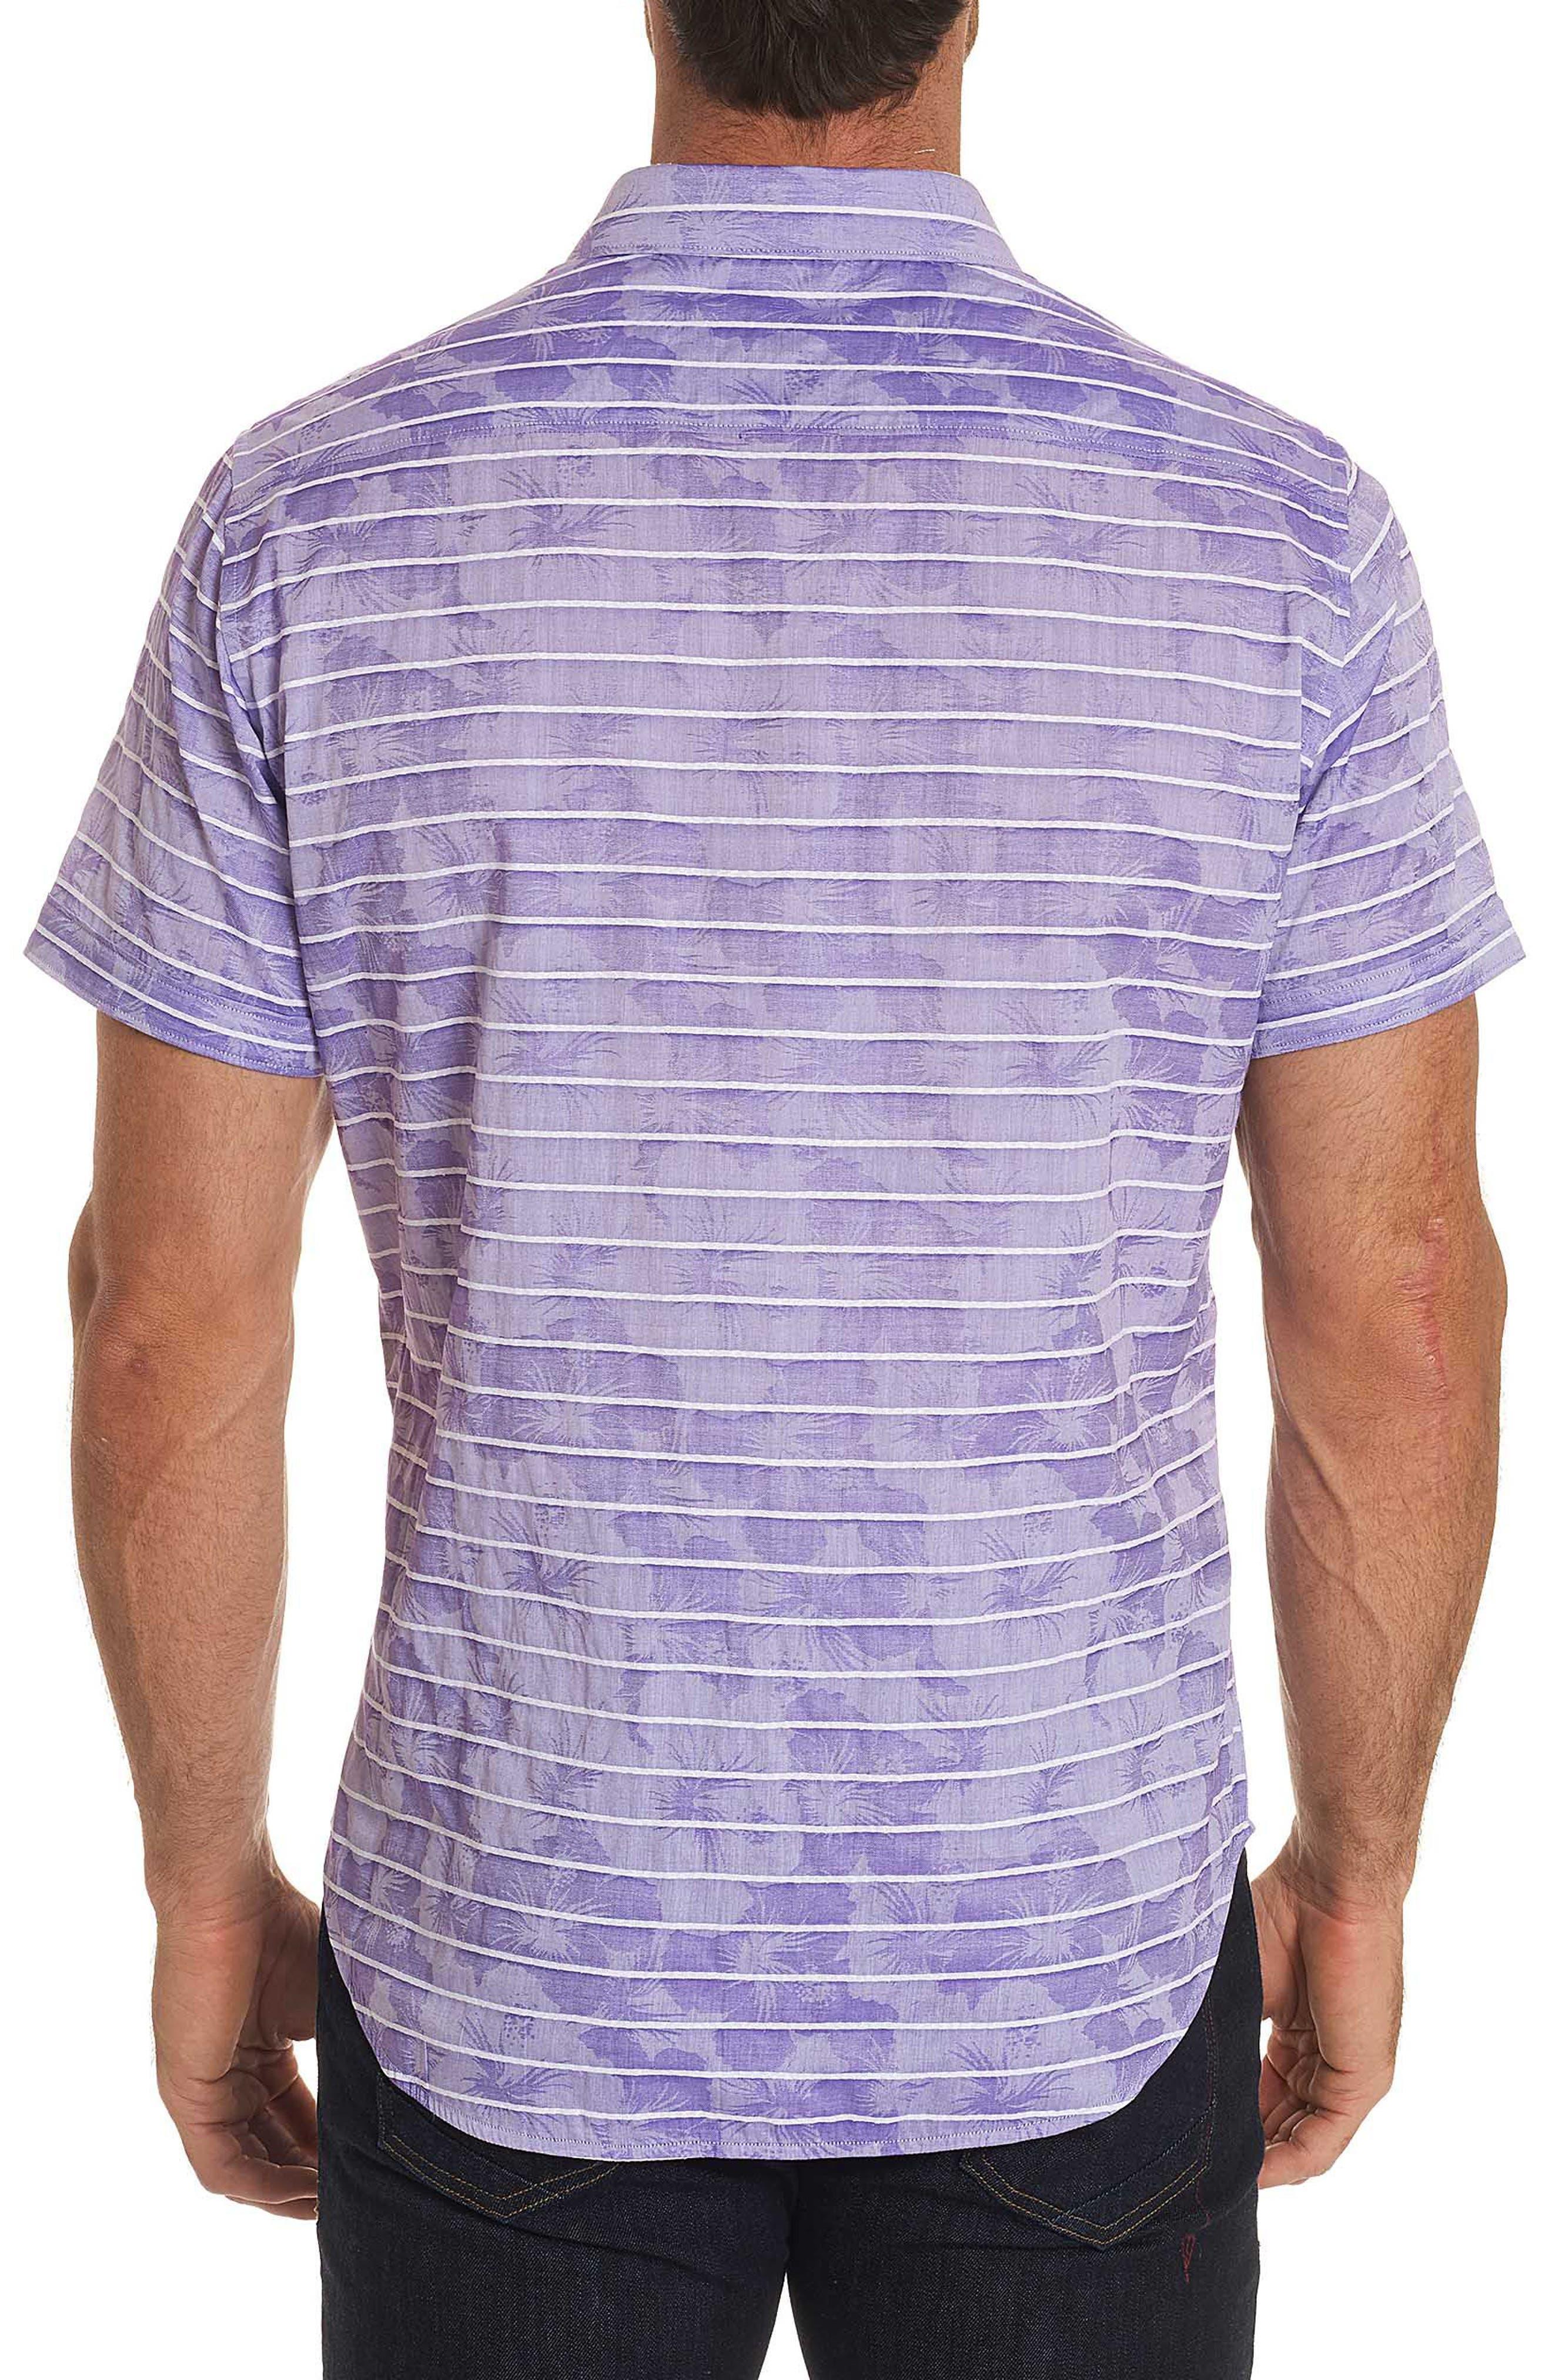 Avenida Classic Fit Jacquard Sport Shirt,                             Alternate thumbnail 2, color,                             Purple